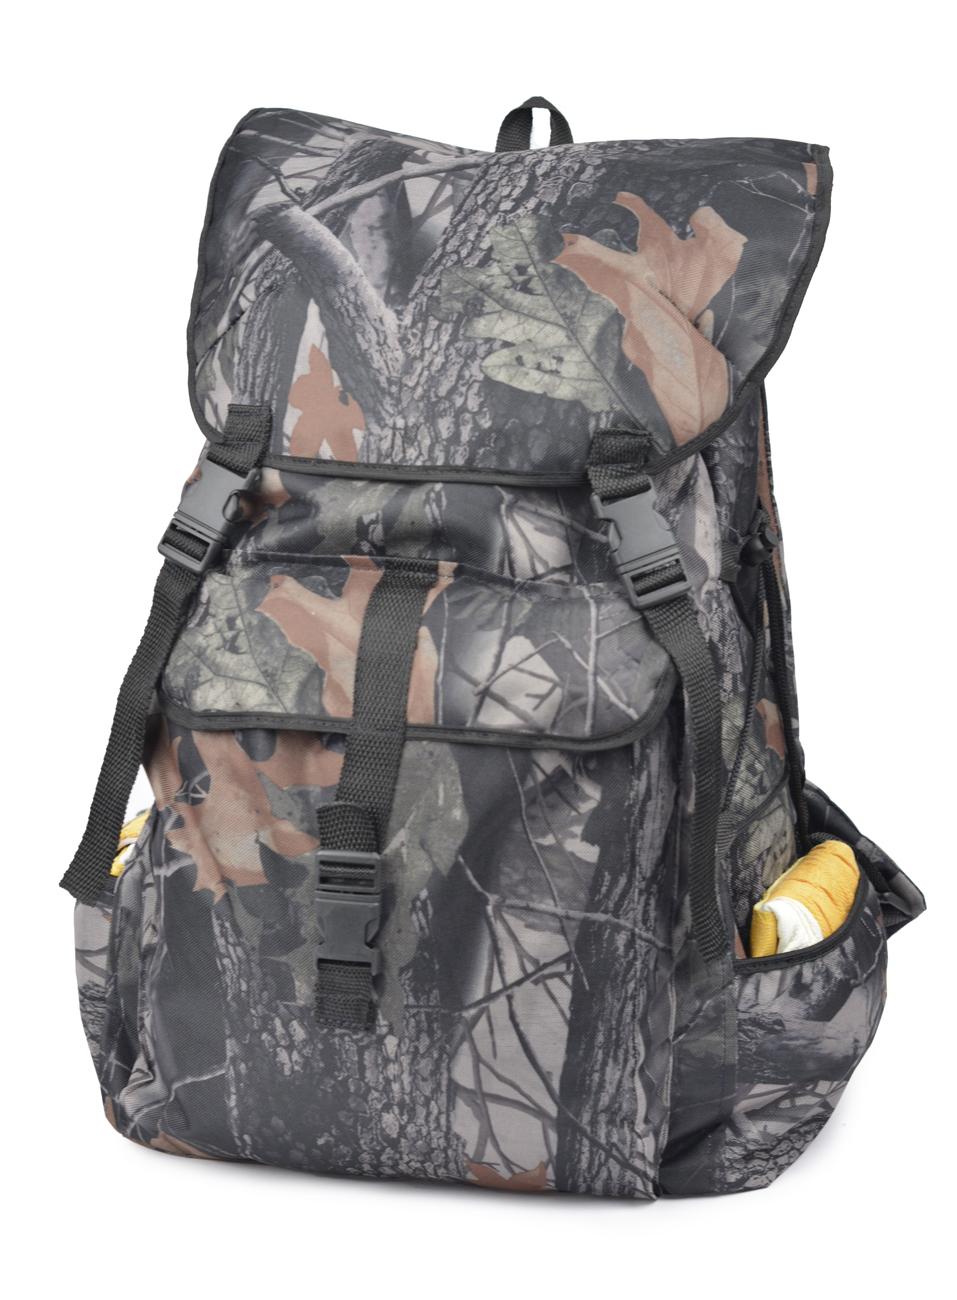 Рюкзак Охота 30 литровРюкзаки<br>Недорогой практичный рюкзак ОХОТА выполнен <br>из ткани оксфорд 600D с водоотталкивающей <br>пропиткой, которая защищает от осадков <br>и облегчает чистку изделия. Упрощенная <br>конструкция имеет один основной отсек, <br>горловина которого утягивается шнуром <br>и фиксируется при помощи кулиски. Для максимальной <br>защиты рюкзак закрывается откидным клапаном <br>с фиксацией на два ремешка с фастексами. <br>Извне имеются три накладных карман. По бокам <br>предусмотрена шнуровка для утяжки. Анатомическая <br>прокладка на спинке. Плечевые лямки регулируются <br>по росту. Подходит для охоты, рыбалки и активного <br>отдыха.<br>